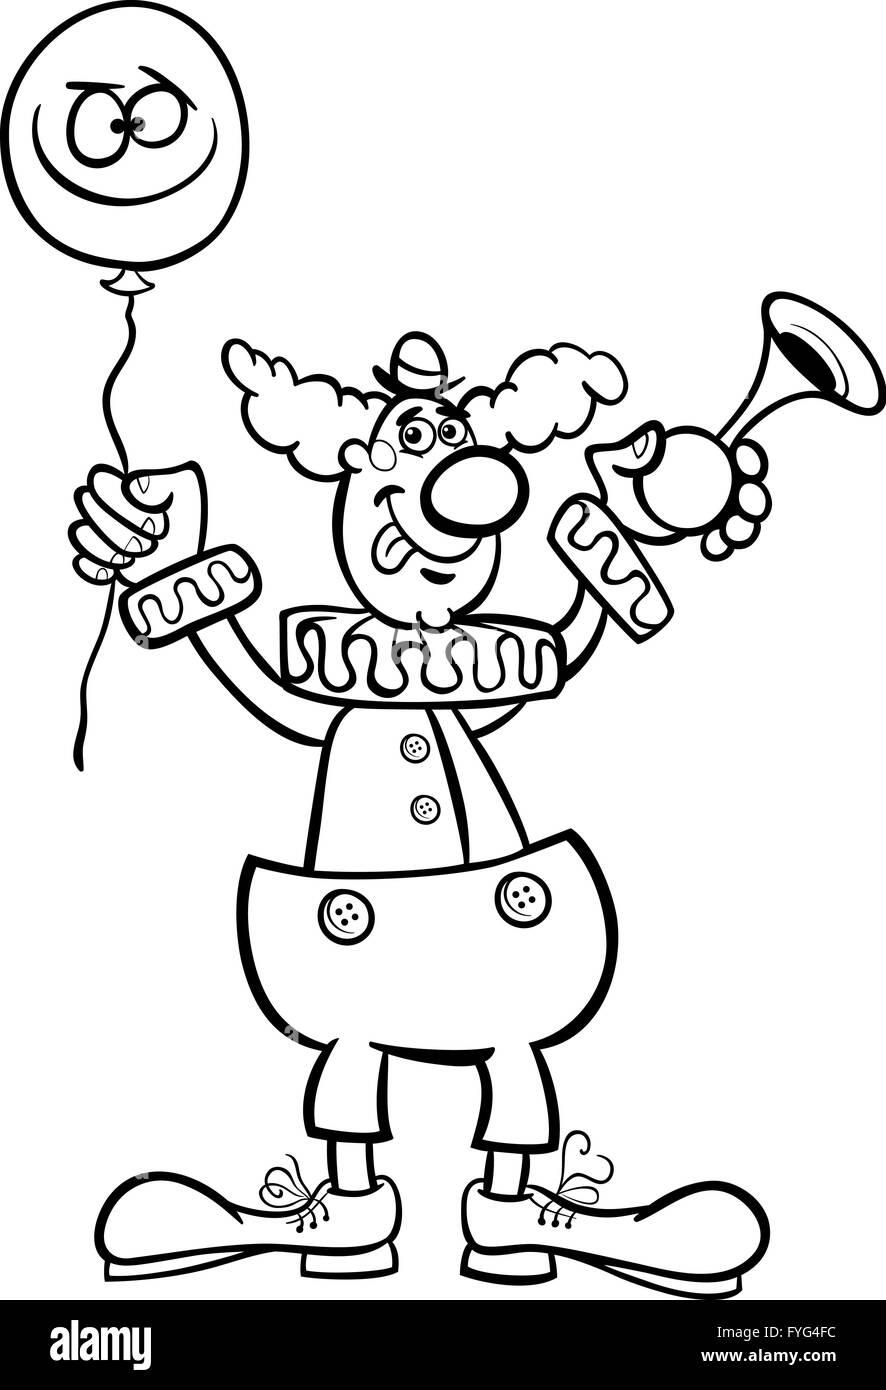 Payaso Caricatura Ilustración Para Colorear Foto Imagen De Stock